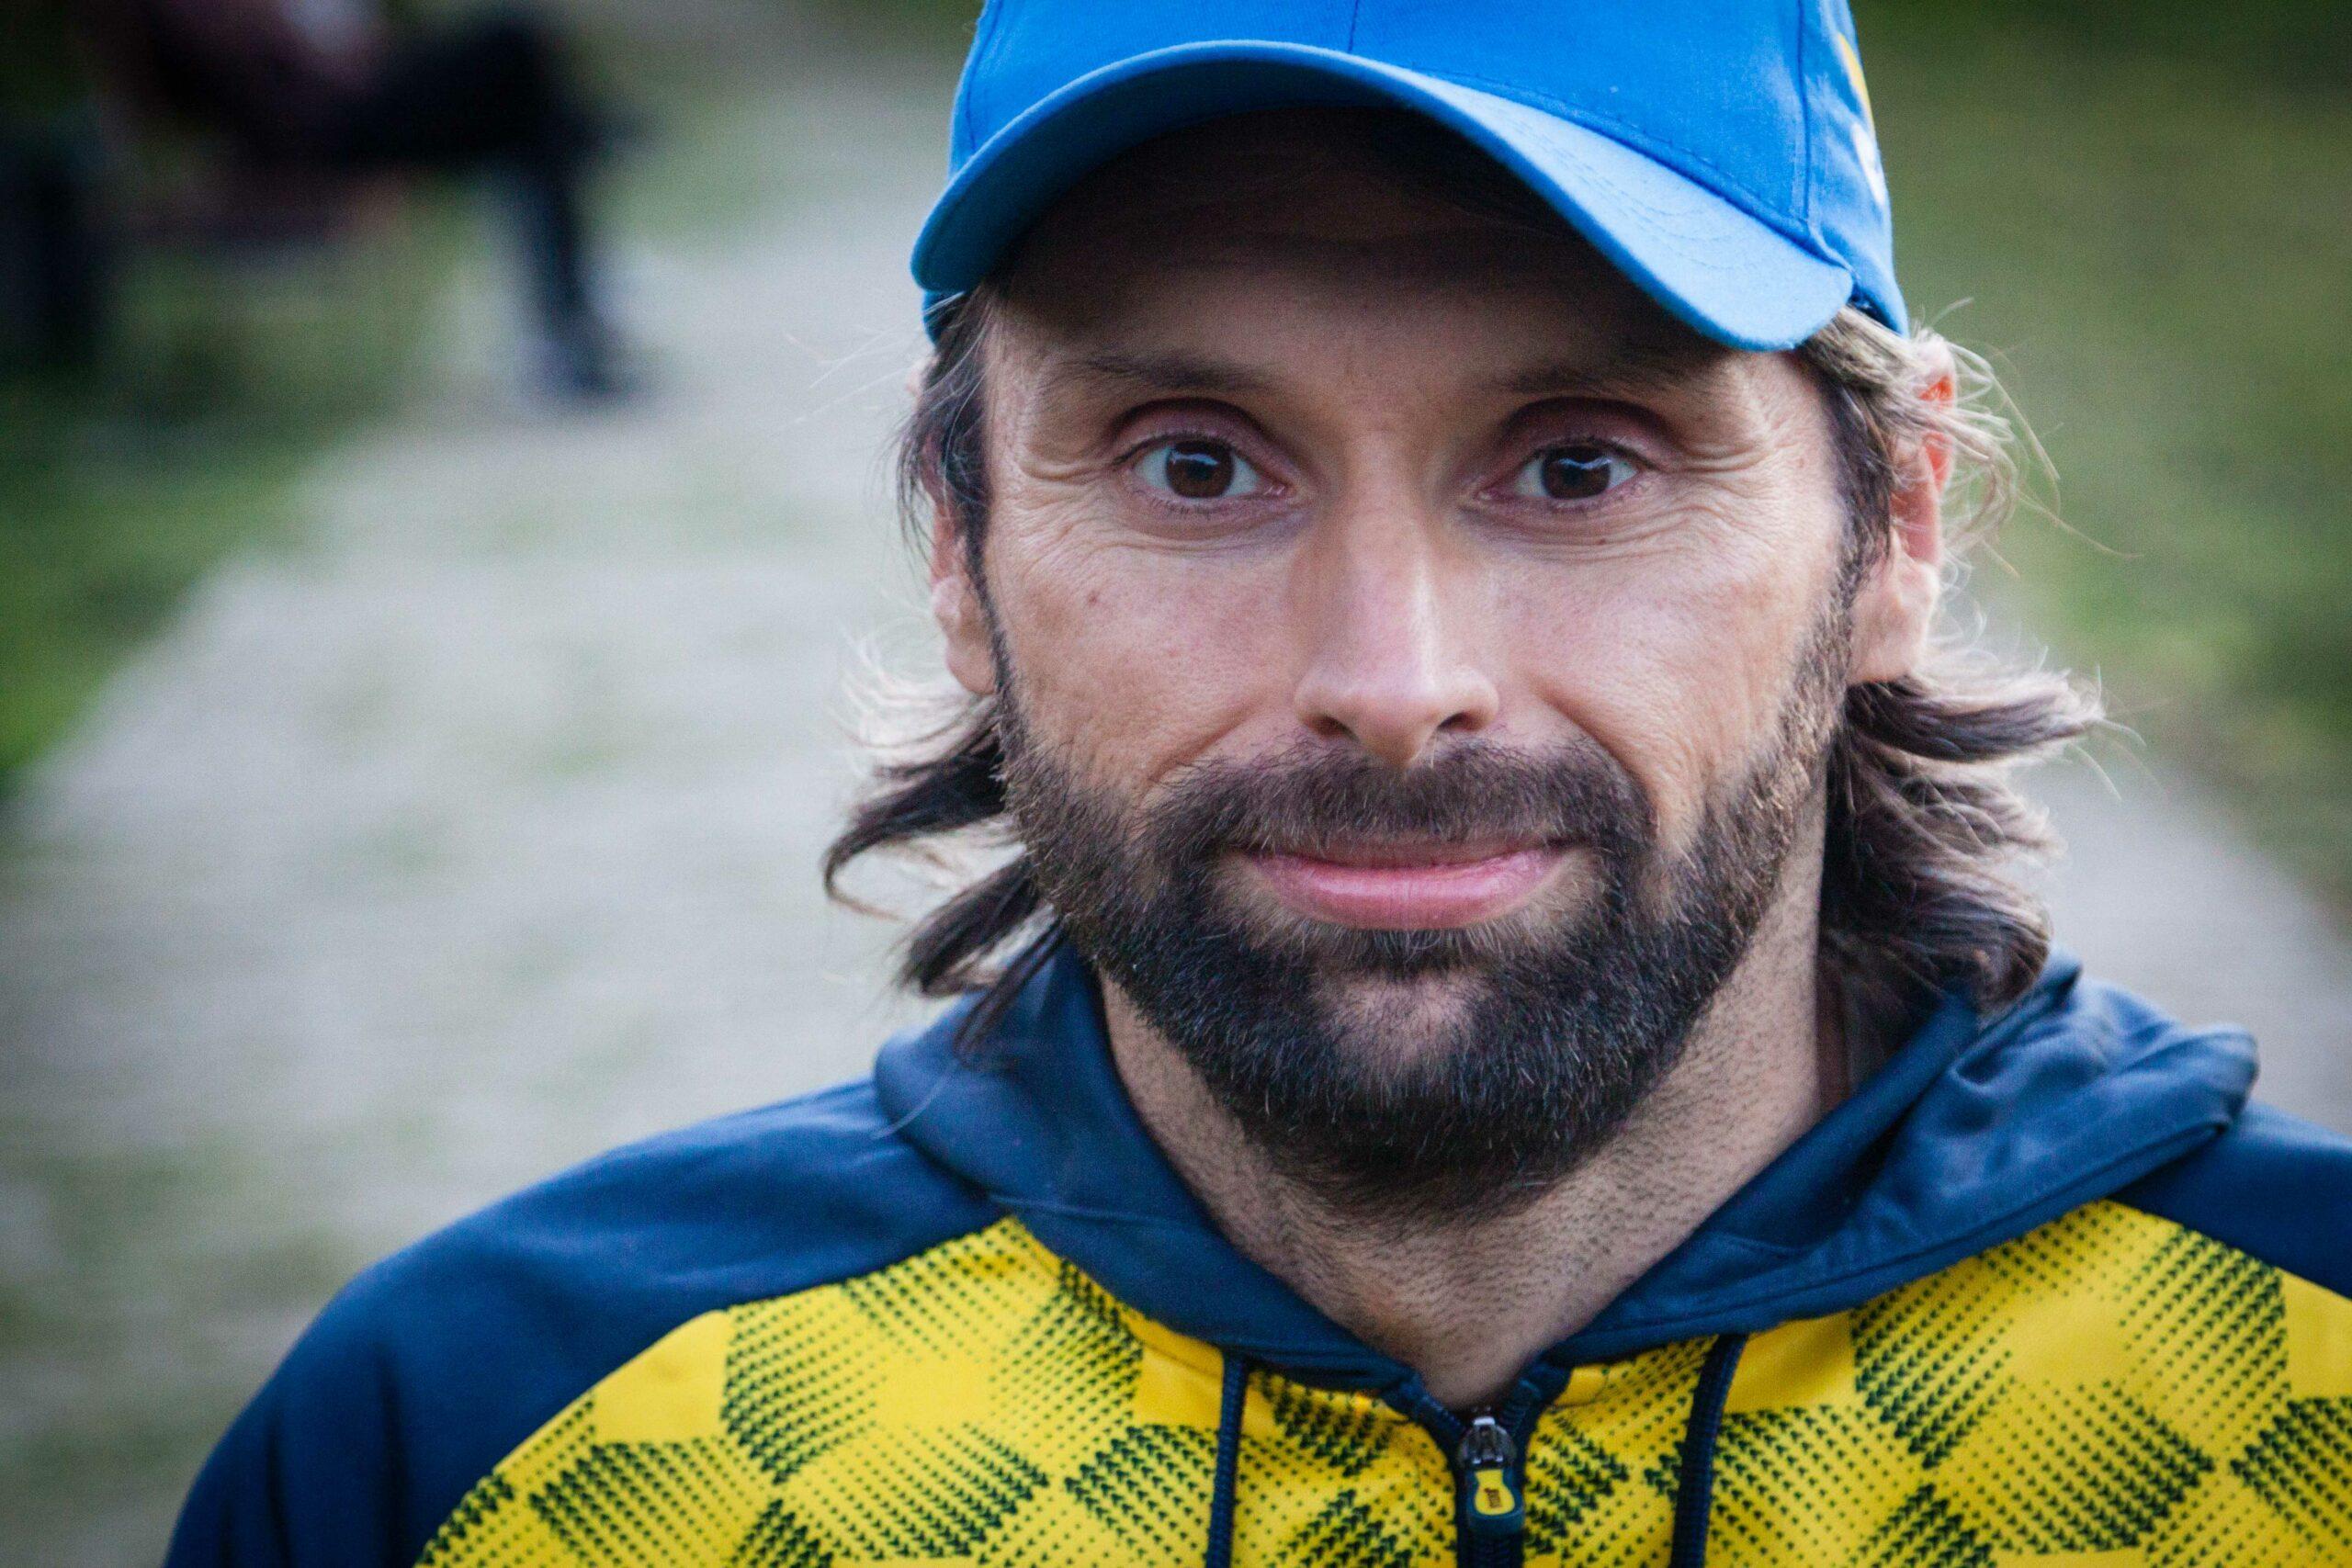 img 8899 scaled - <b>Необмежені можливості.</b> Як українським паралімпійцям удається перемагати в спорті та житті - Заборона